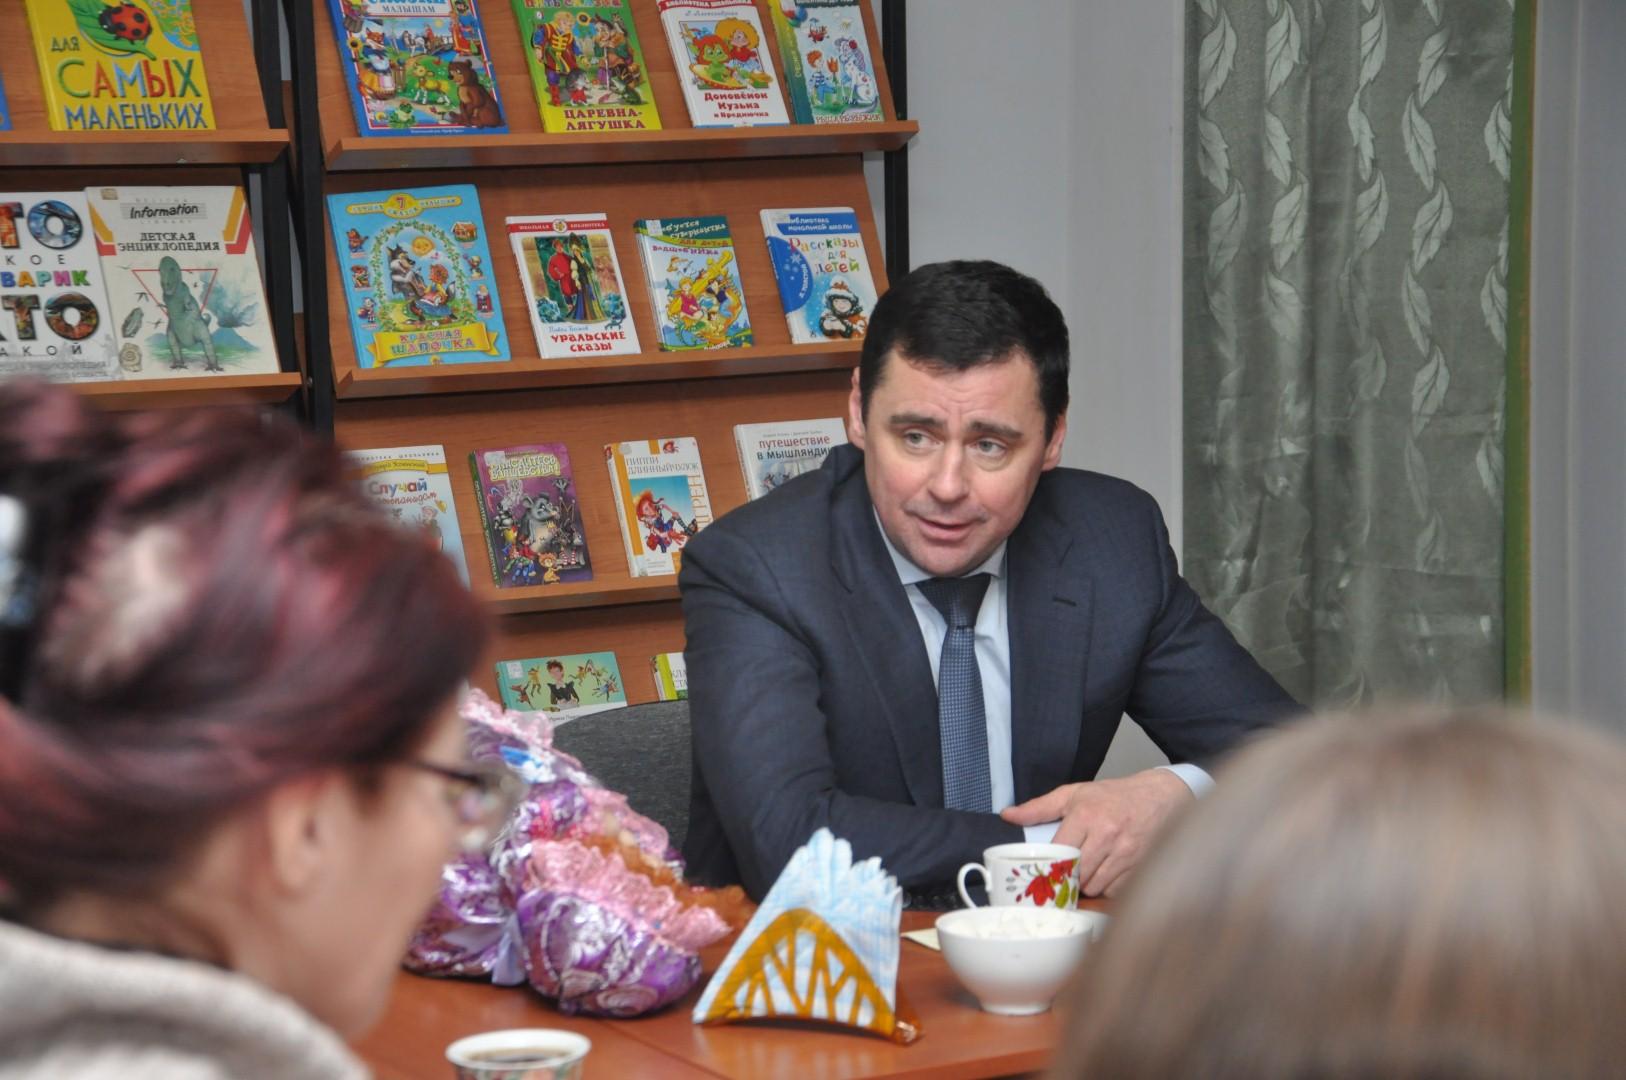 Дмитрий Миронов рассказал о своих любимых книгах